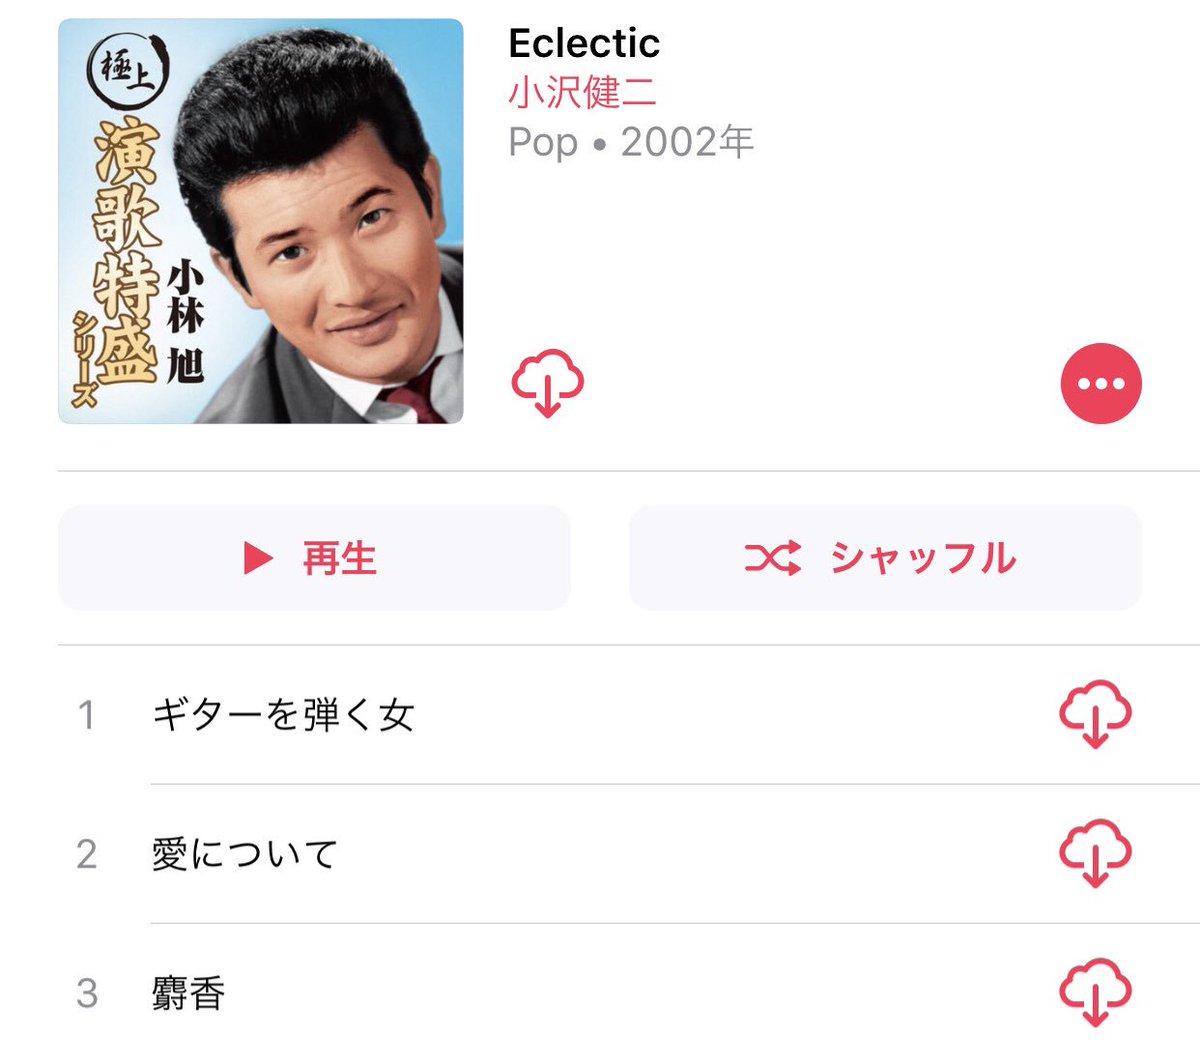 小沢健二さんのこれまでの作品、今後もぜひApple Musicに追加されていって欲しい。何度直しても…